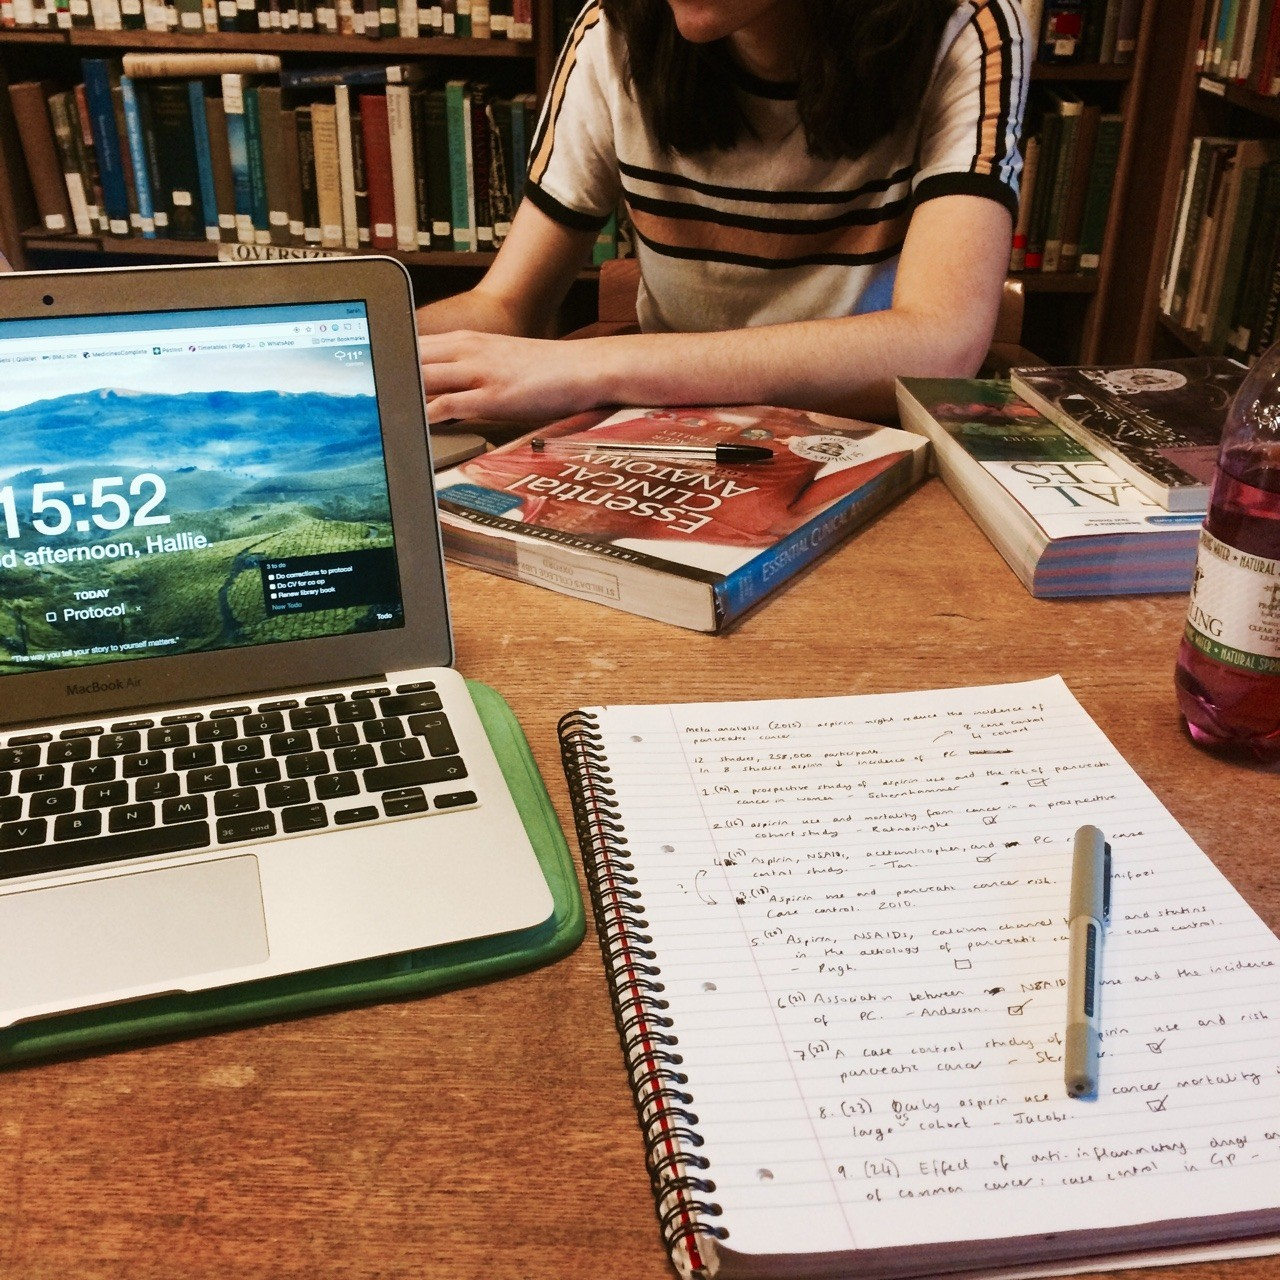 Estudo (Foto: Reprodução/Tumblr/quilavastudy)